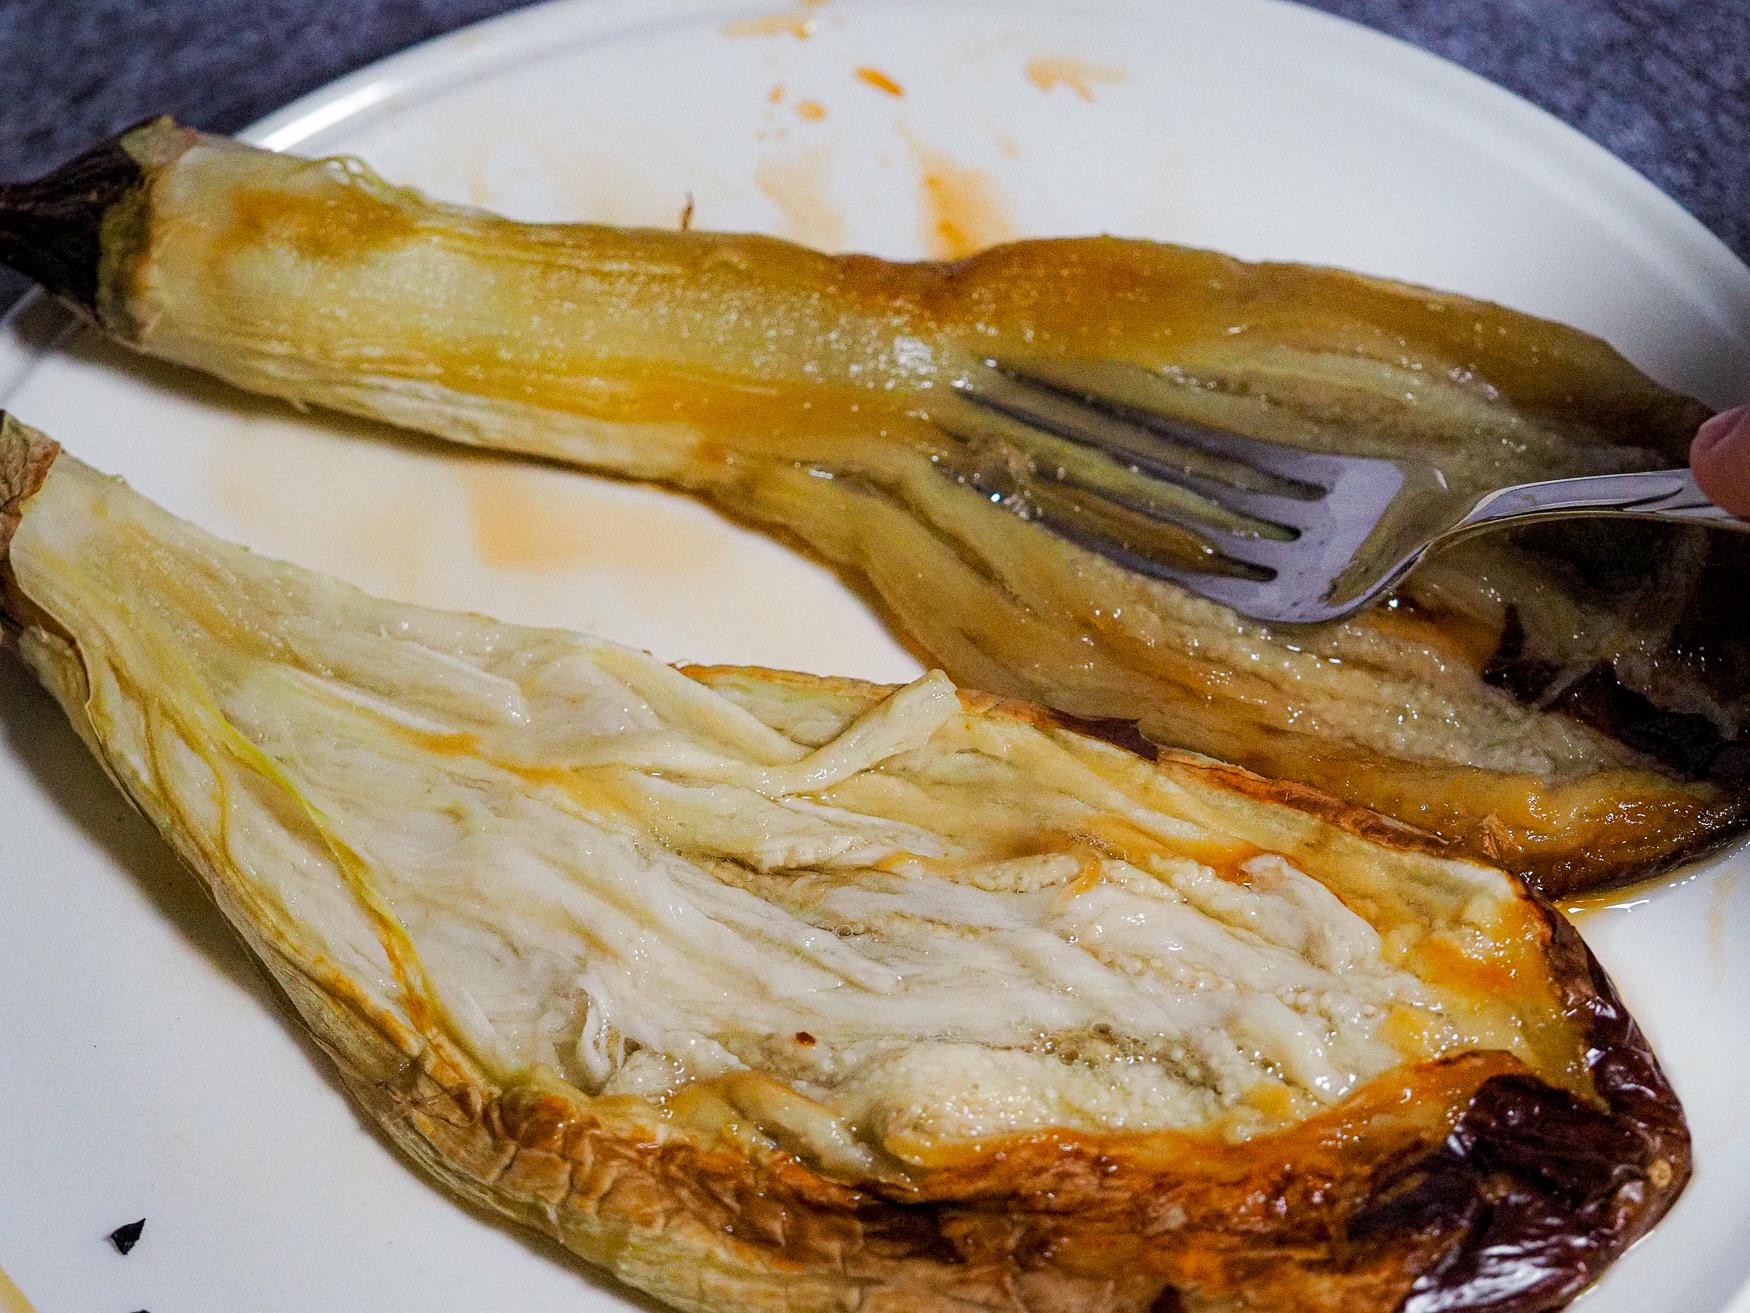 Peeled blackened Japanese eggplant on the plate.